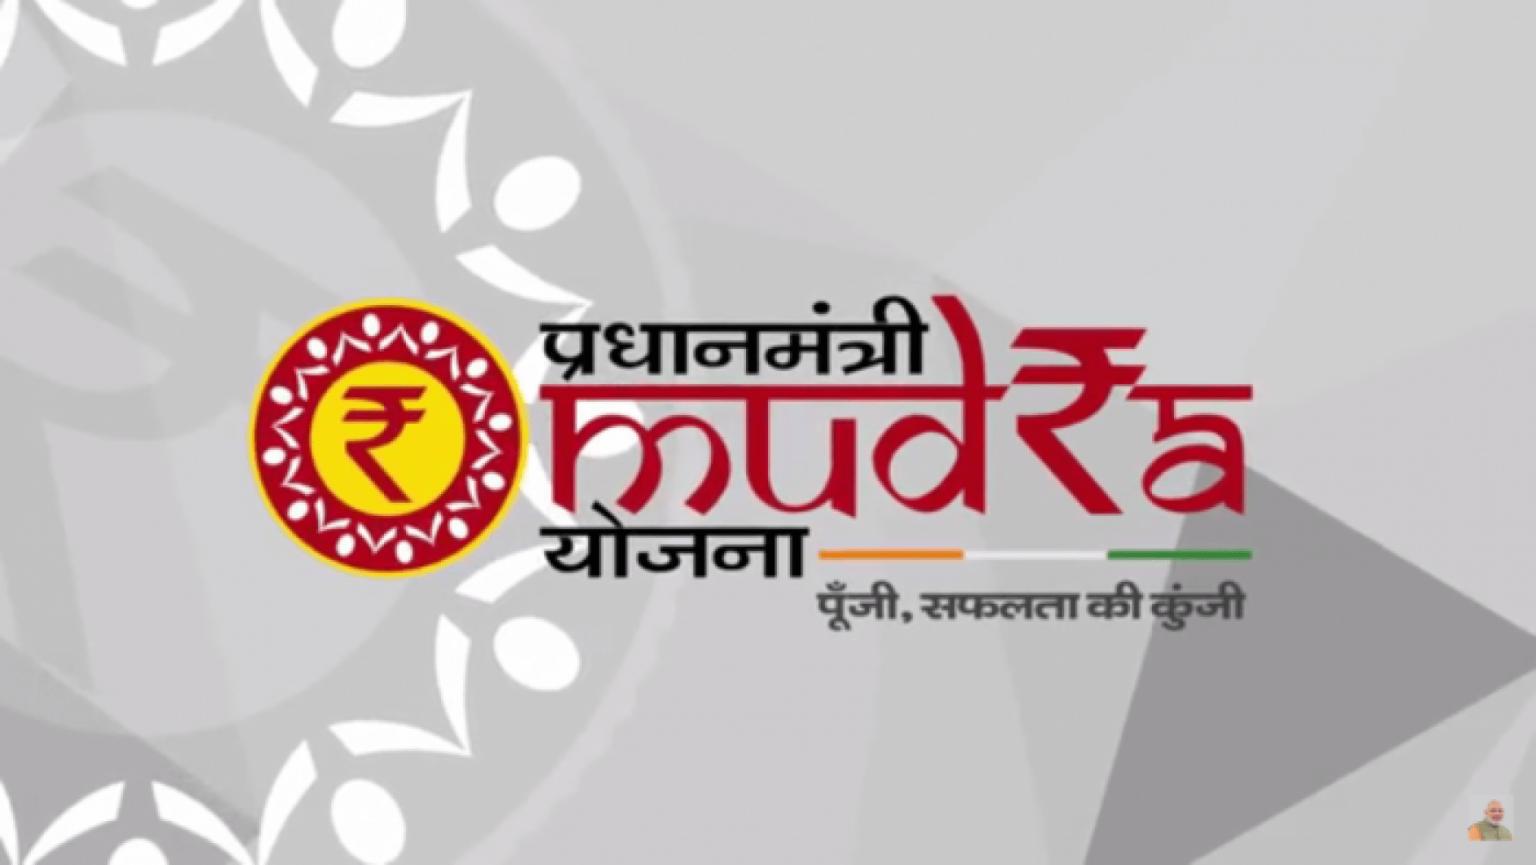 GoI cuts Mudra loans target_40.1